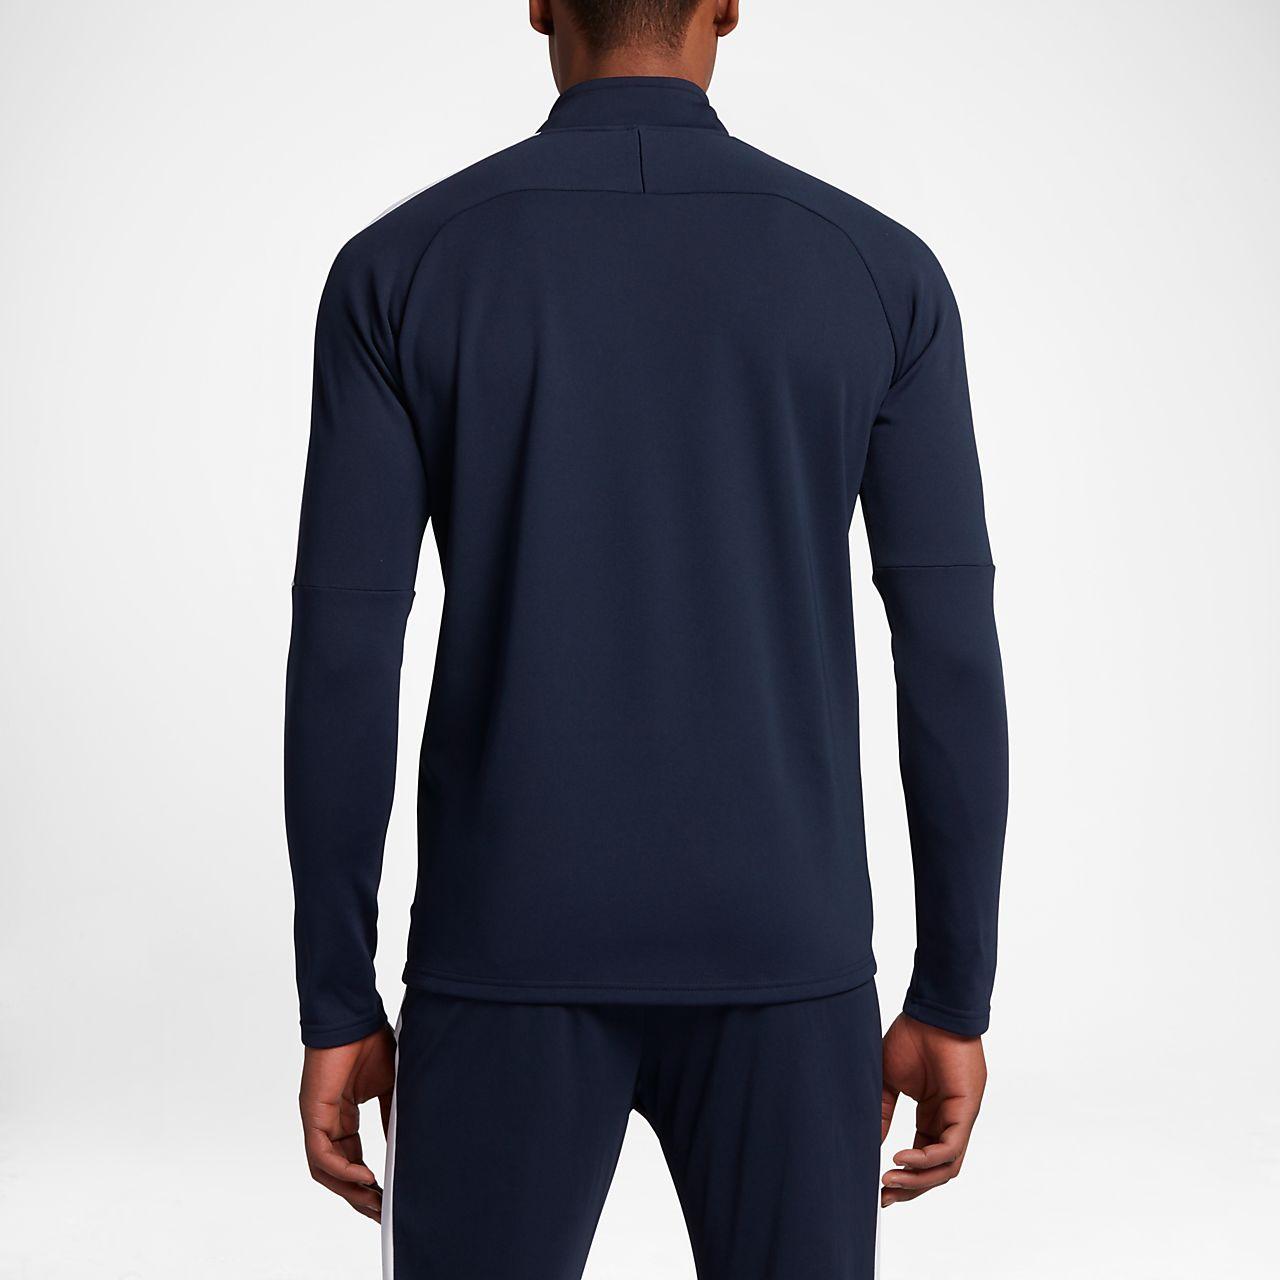 cheap for discount e36a8 fdb61 ... Nike Dri-FIT Academy Camiseta de fútbol de entrenamiento con cremallera  de 14